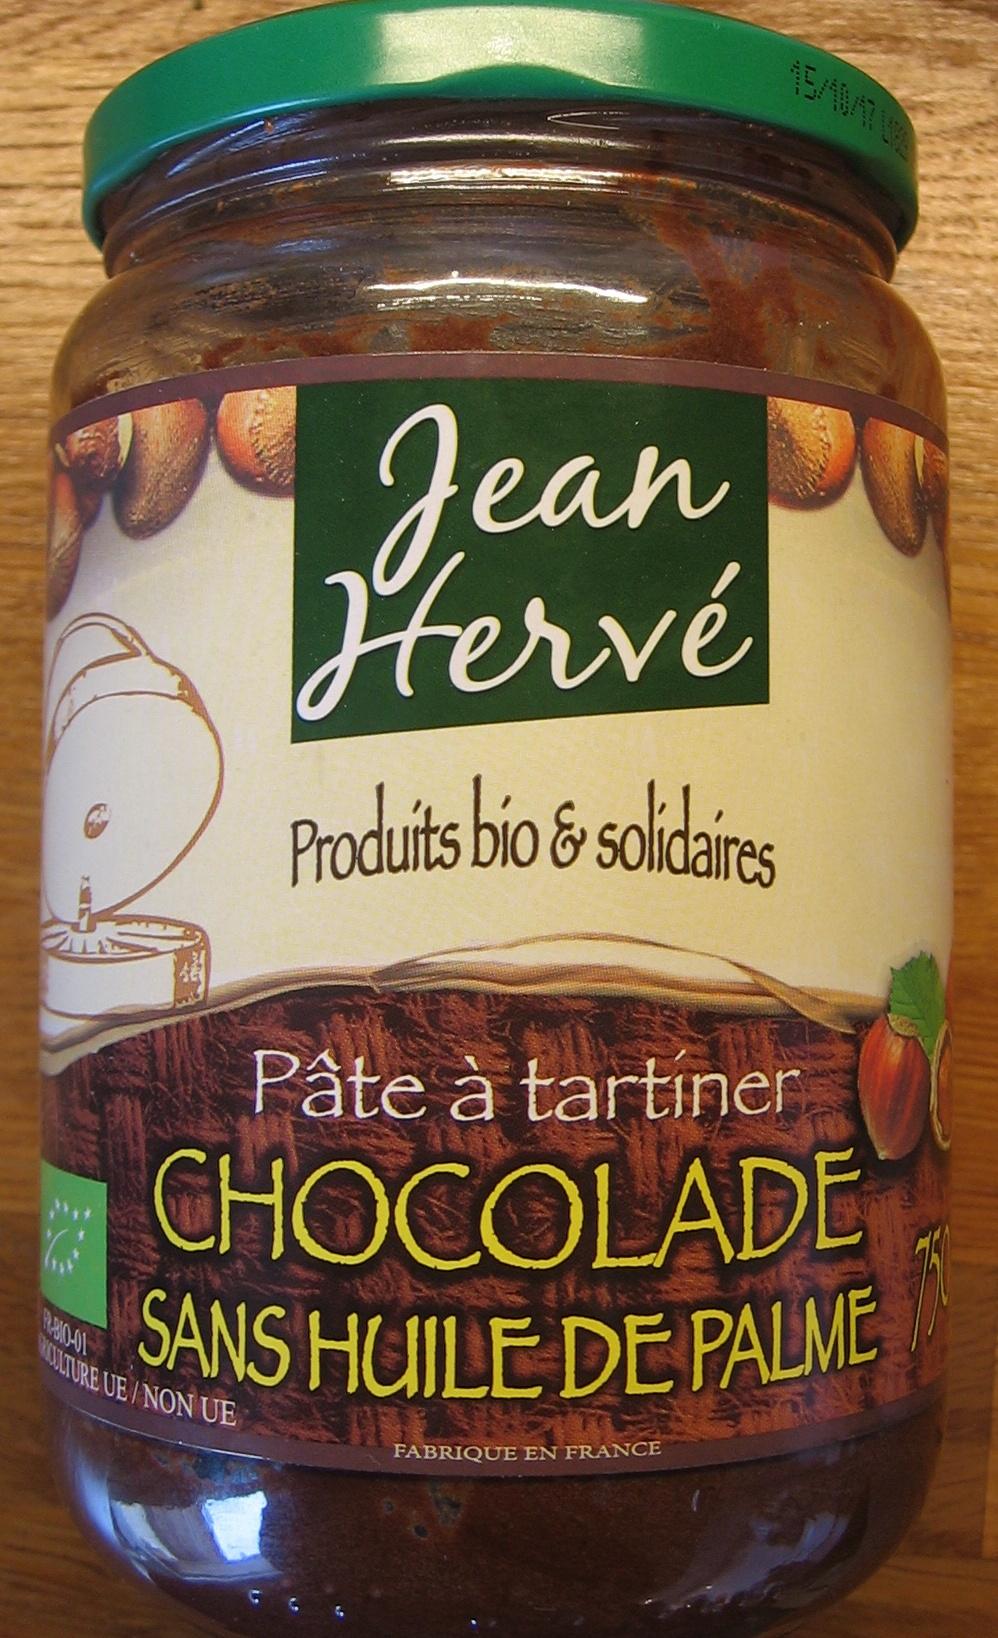 Chocolade Sans Huile de Palme - Product - fr